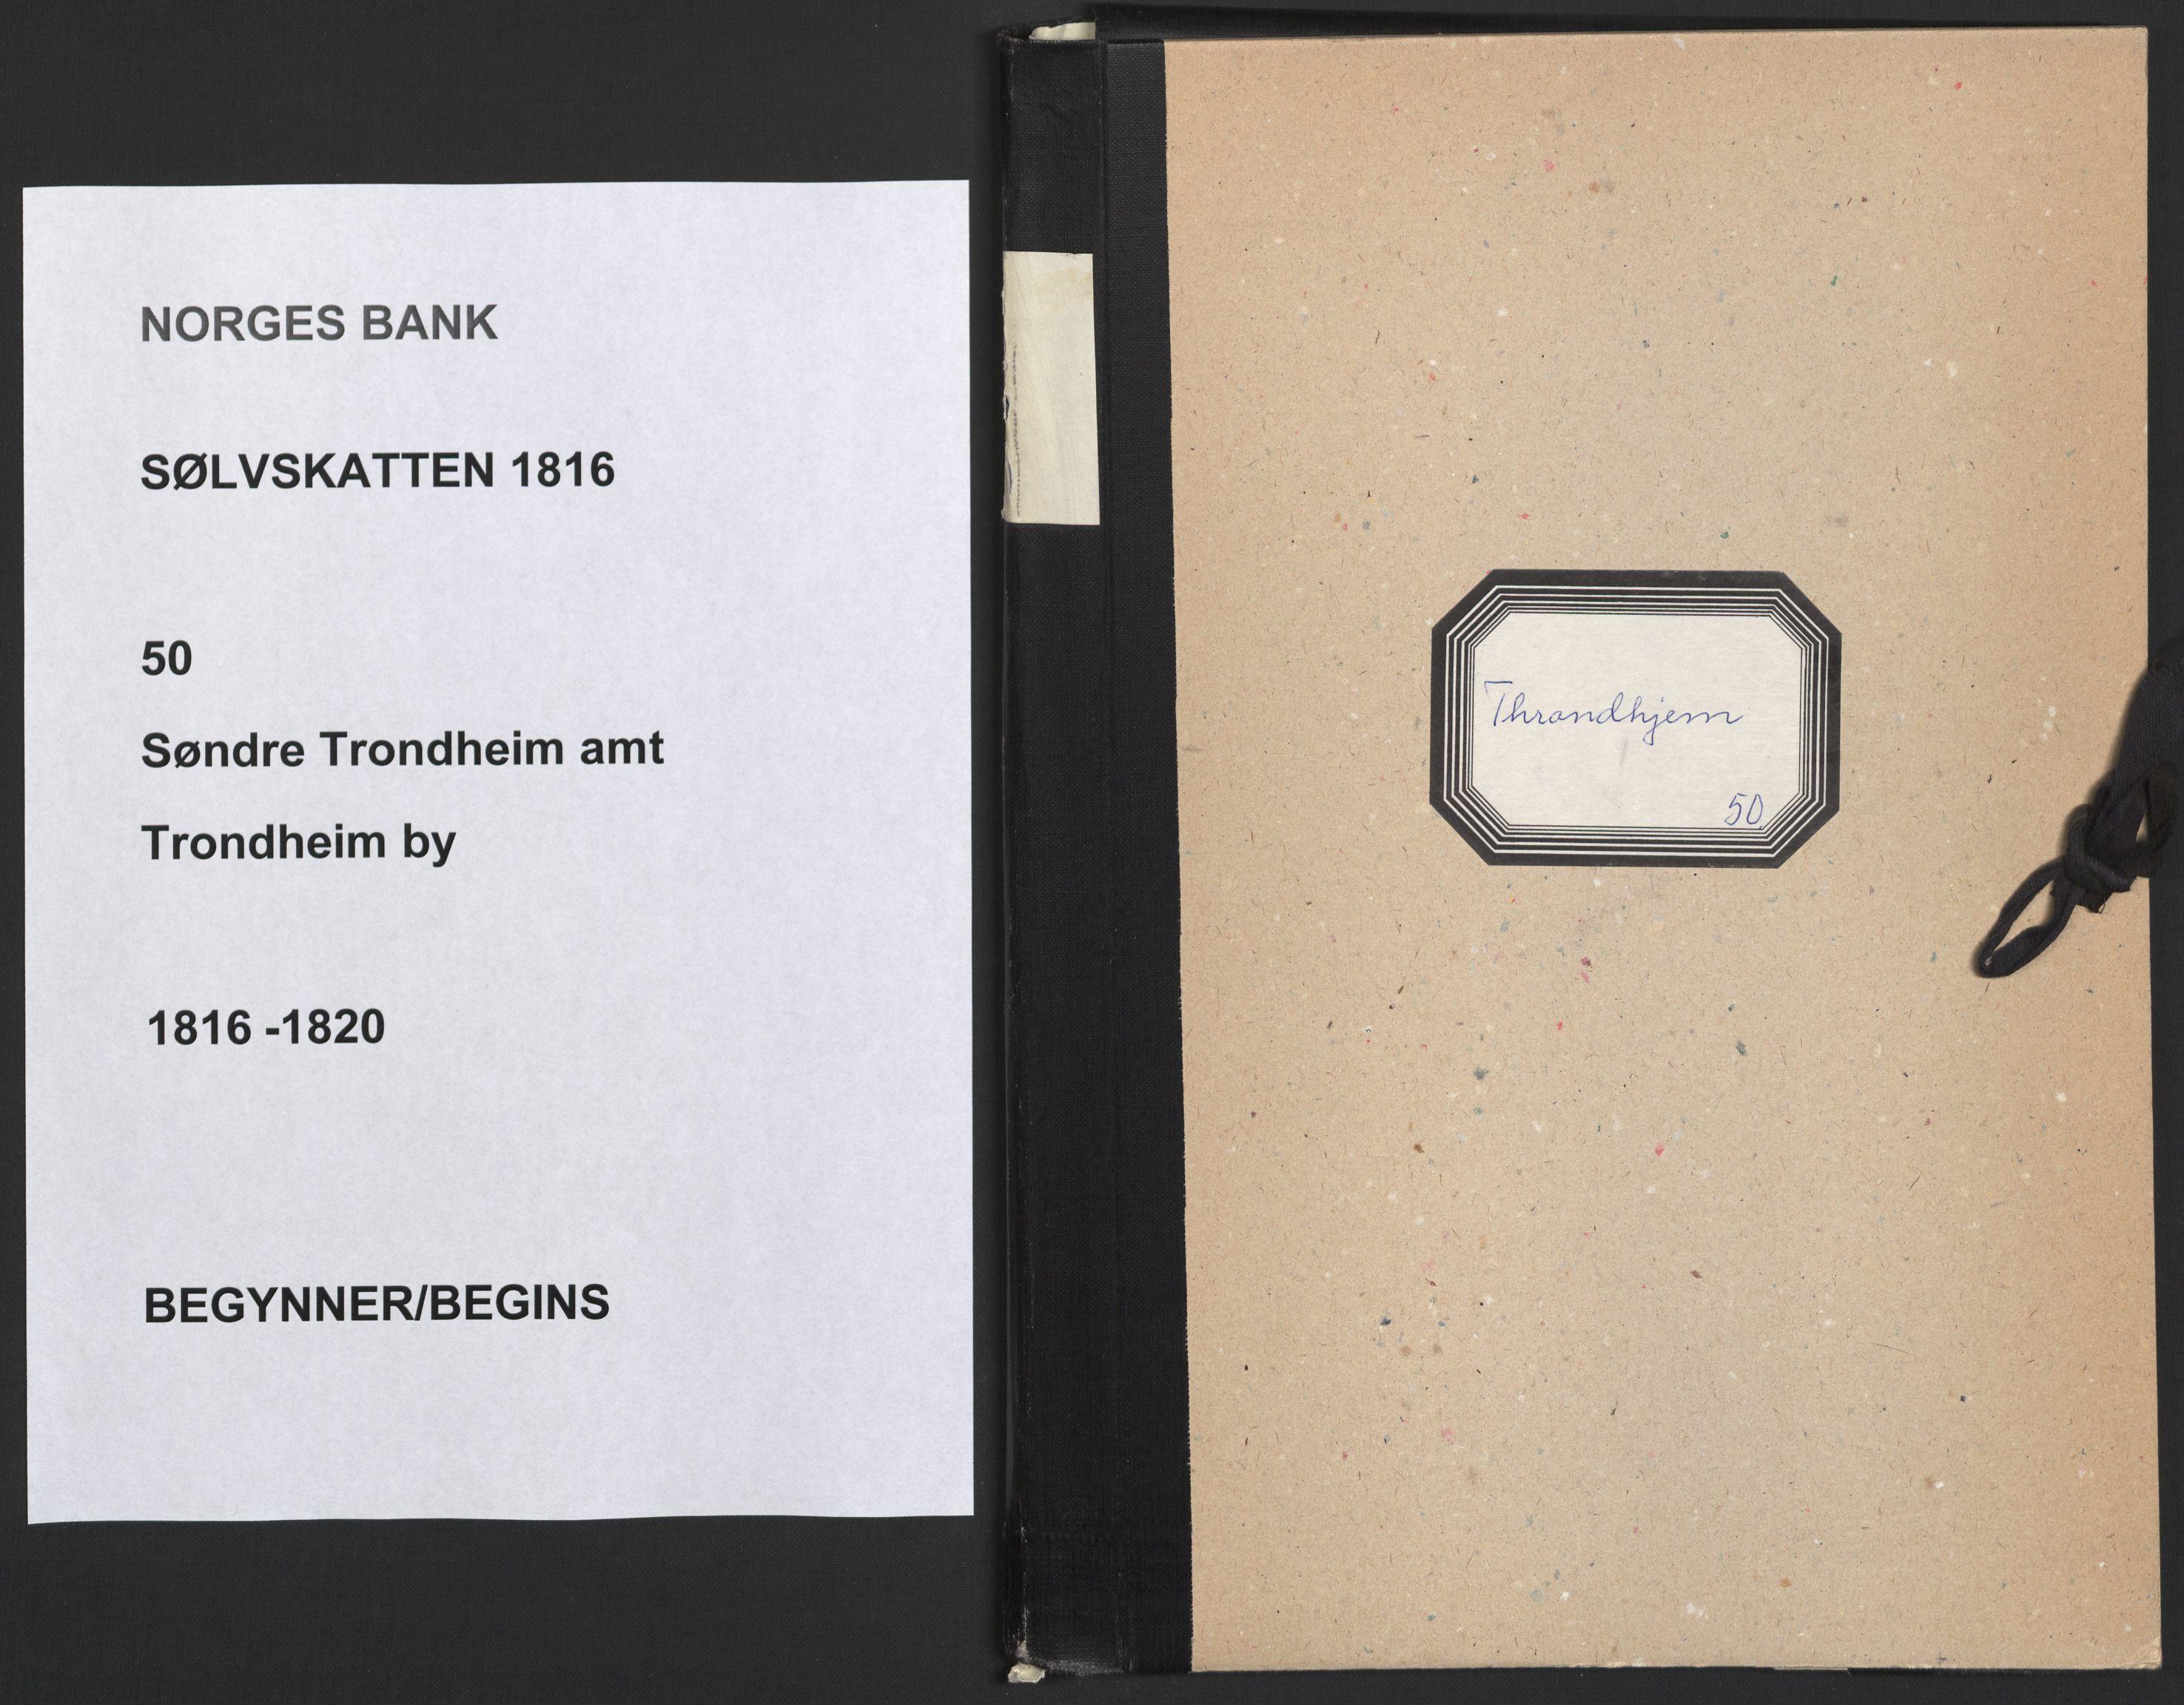 NOBA, Norges Bank/Sølvskatten 1816*, 1816-1820, s. 1